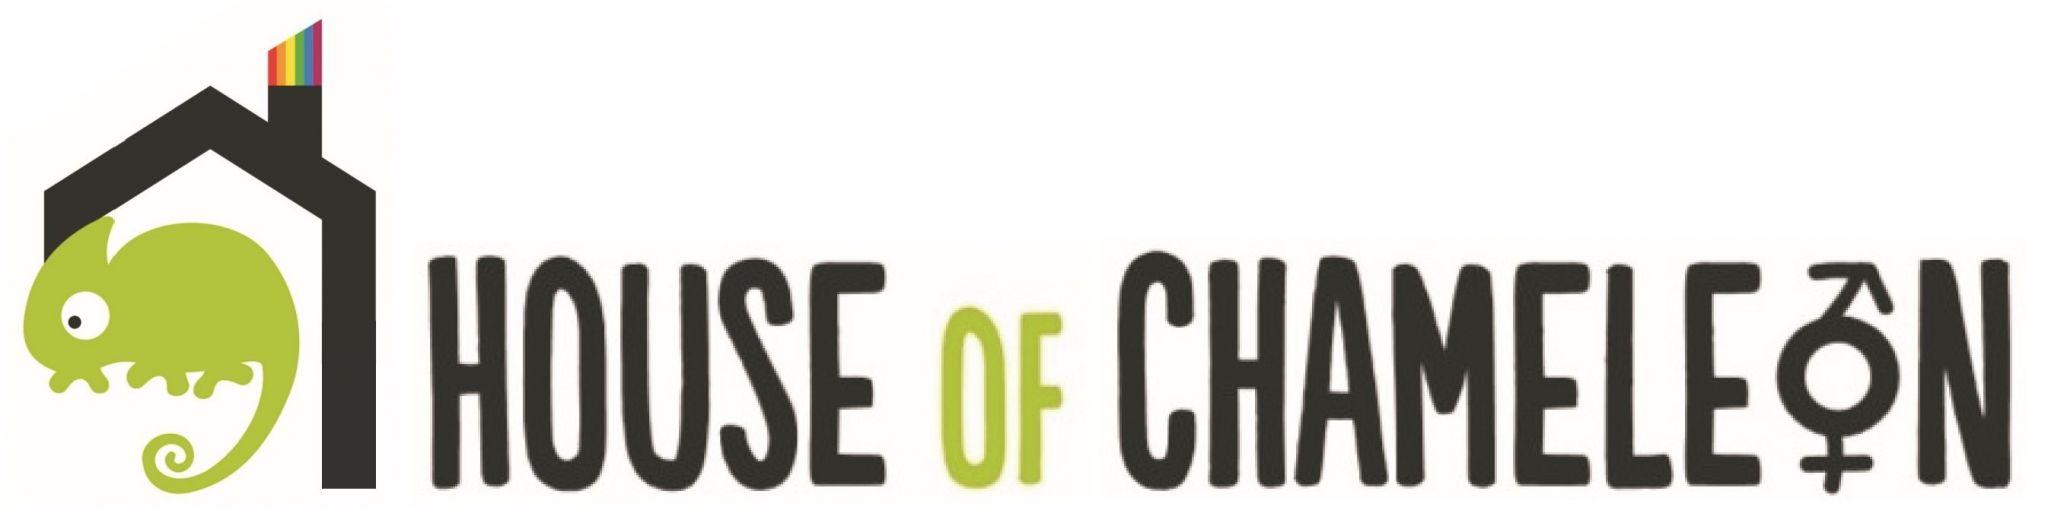 House Of Chameleon SRLS